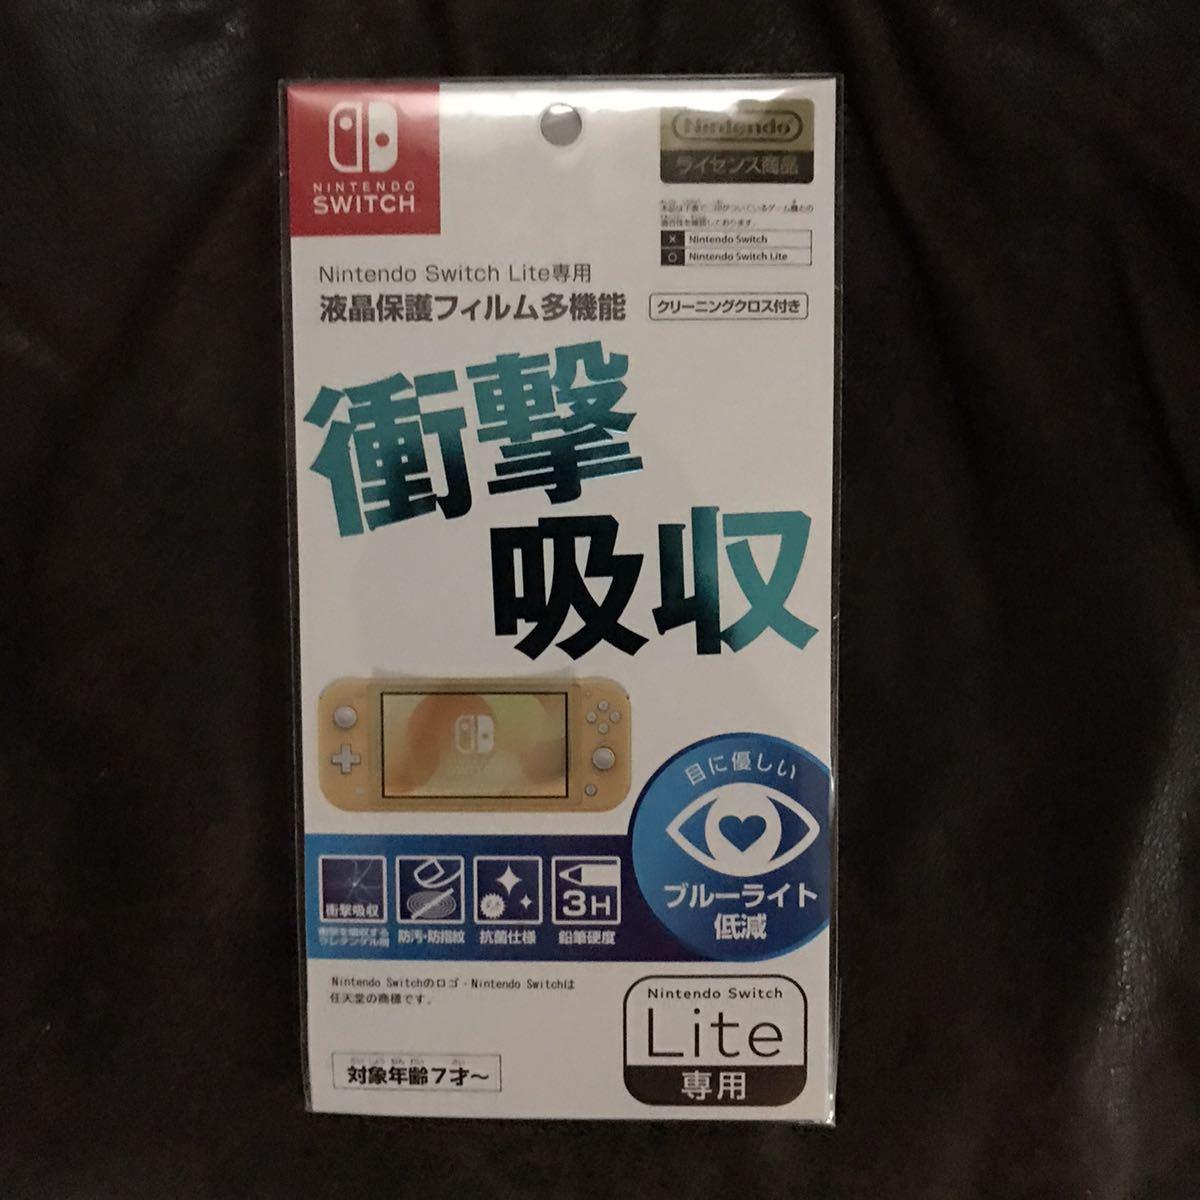 【1円スタート・ 新品未使用・返品可】Nintendo Switch Lite 本体 (ニンテンドースイッチライト)+ソフト2本+液晶保護フィルム_画像8